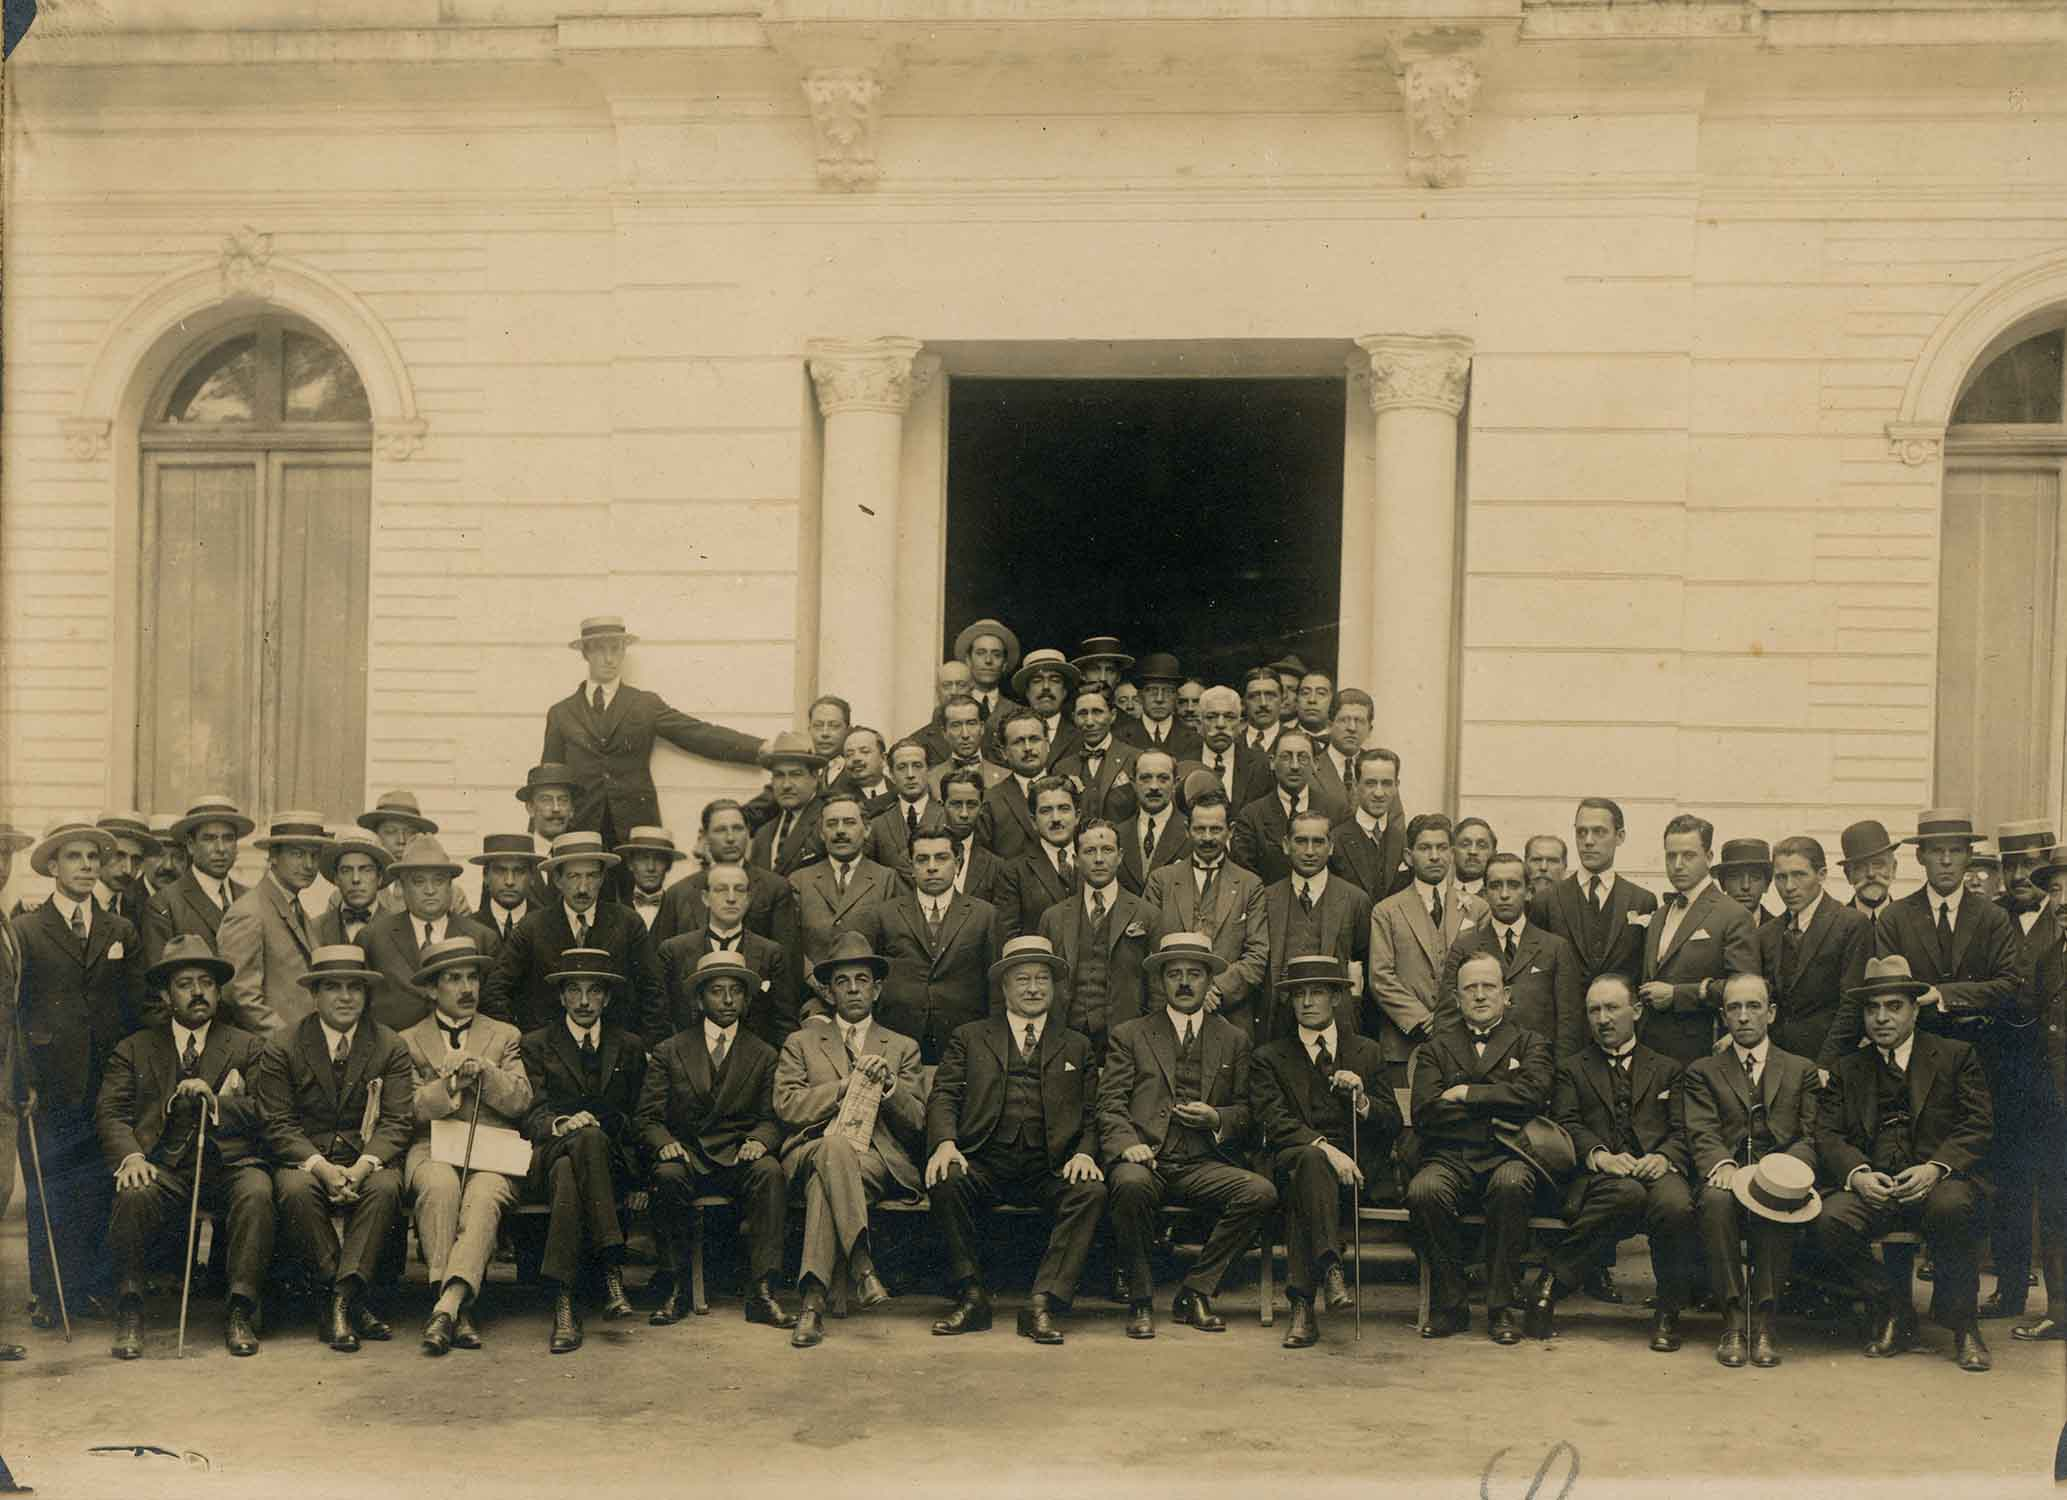 Enterreno - Fotos históricas de chile - fotos antiguas de Chile - Empleados Ferroviarios en 1924